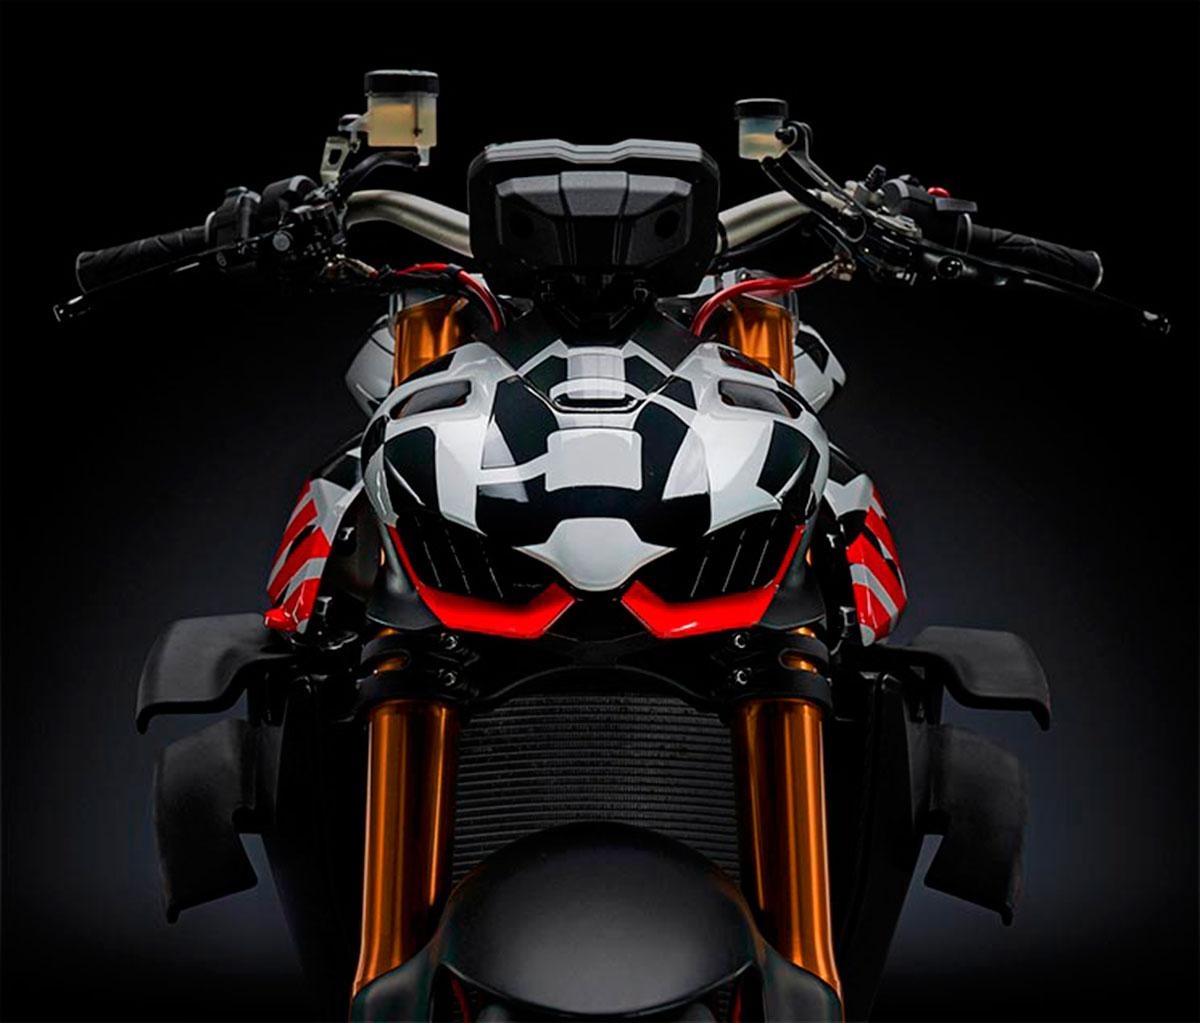 Ducati StreetfighterV4 2